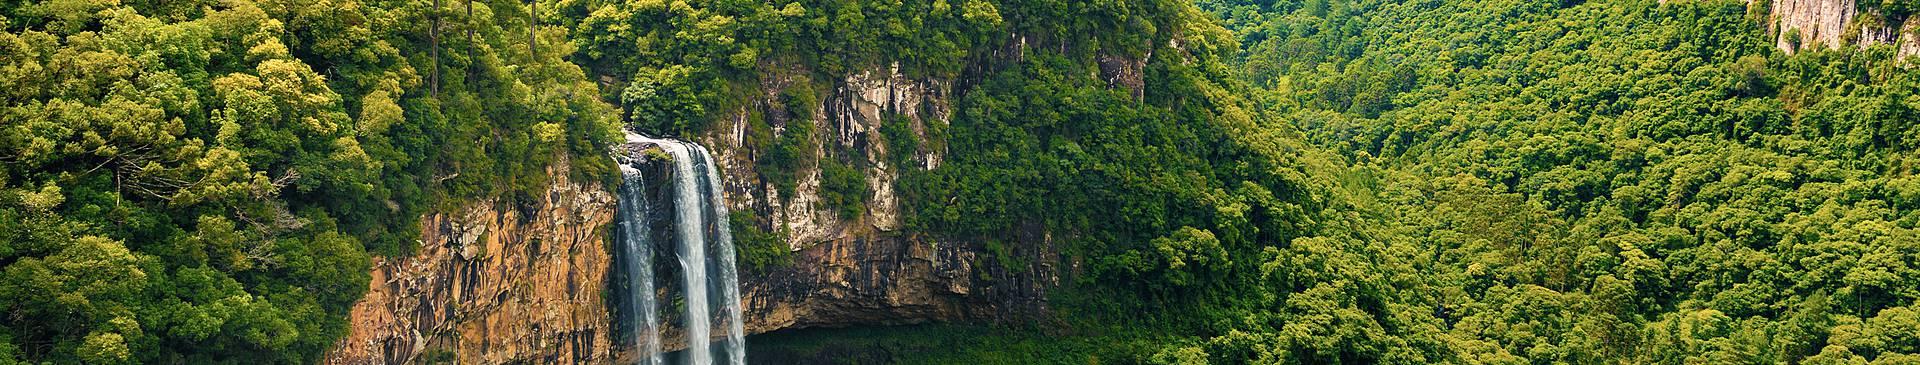 Voyage nature au Brésil